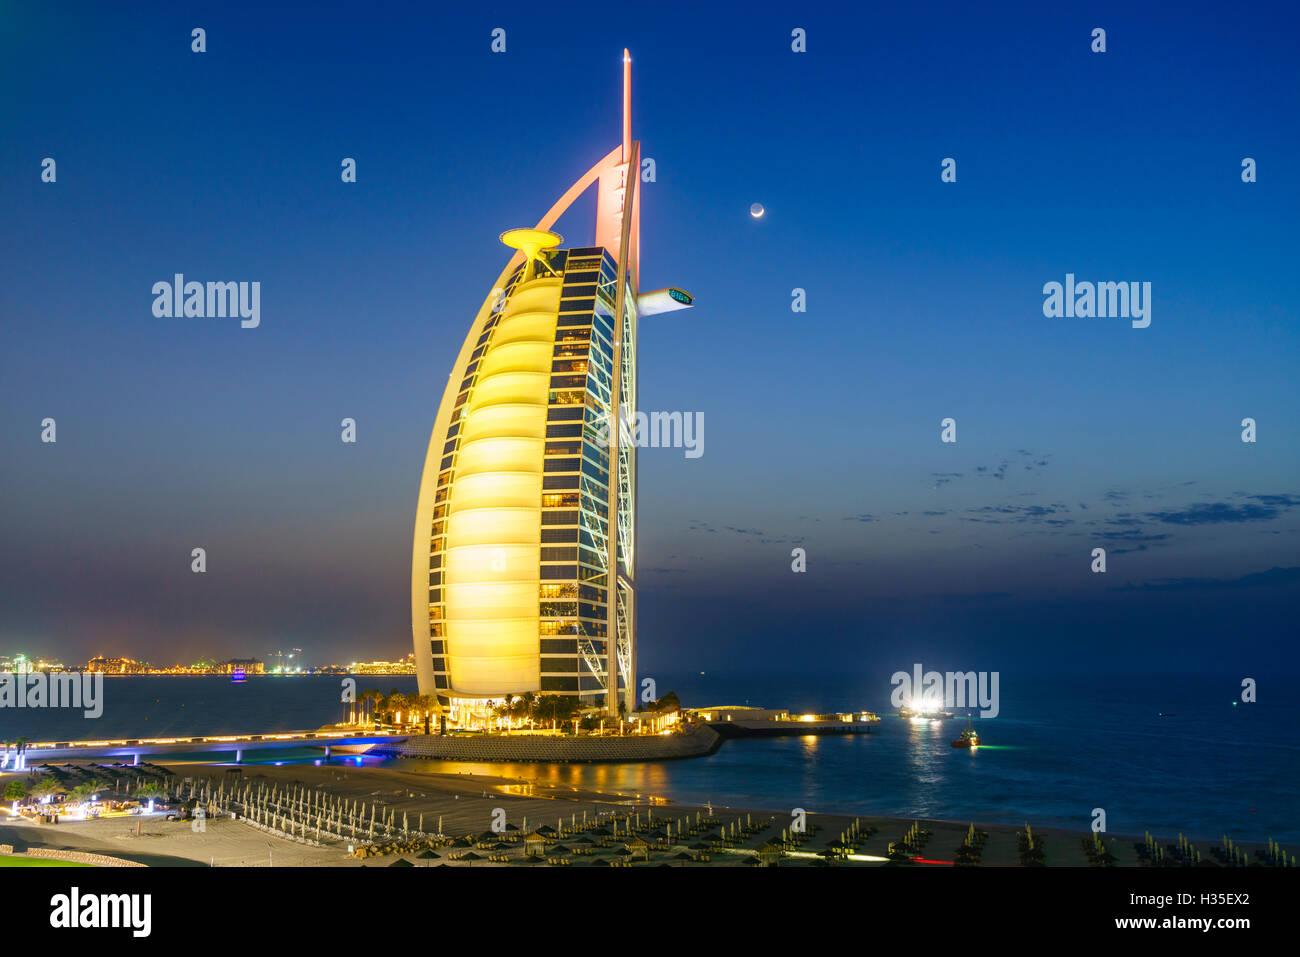 Burj Al Arab hotel di notte, iconico segno distintivo di Dubai, Spiaggia di Jumeirah, Dubai, Emirati Arabi Uniti, Immagini Stock